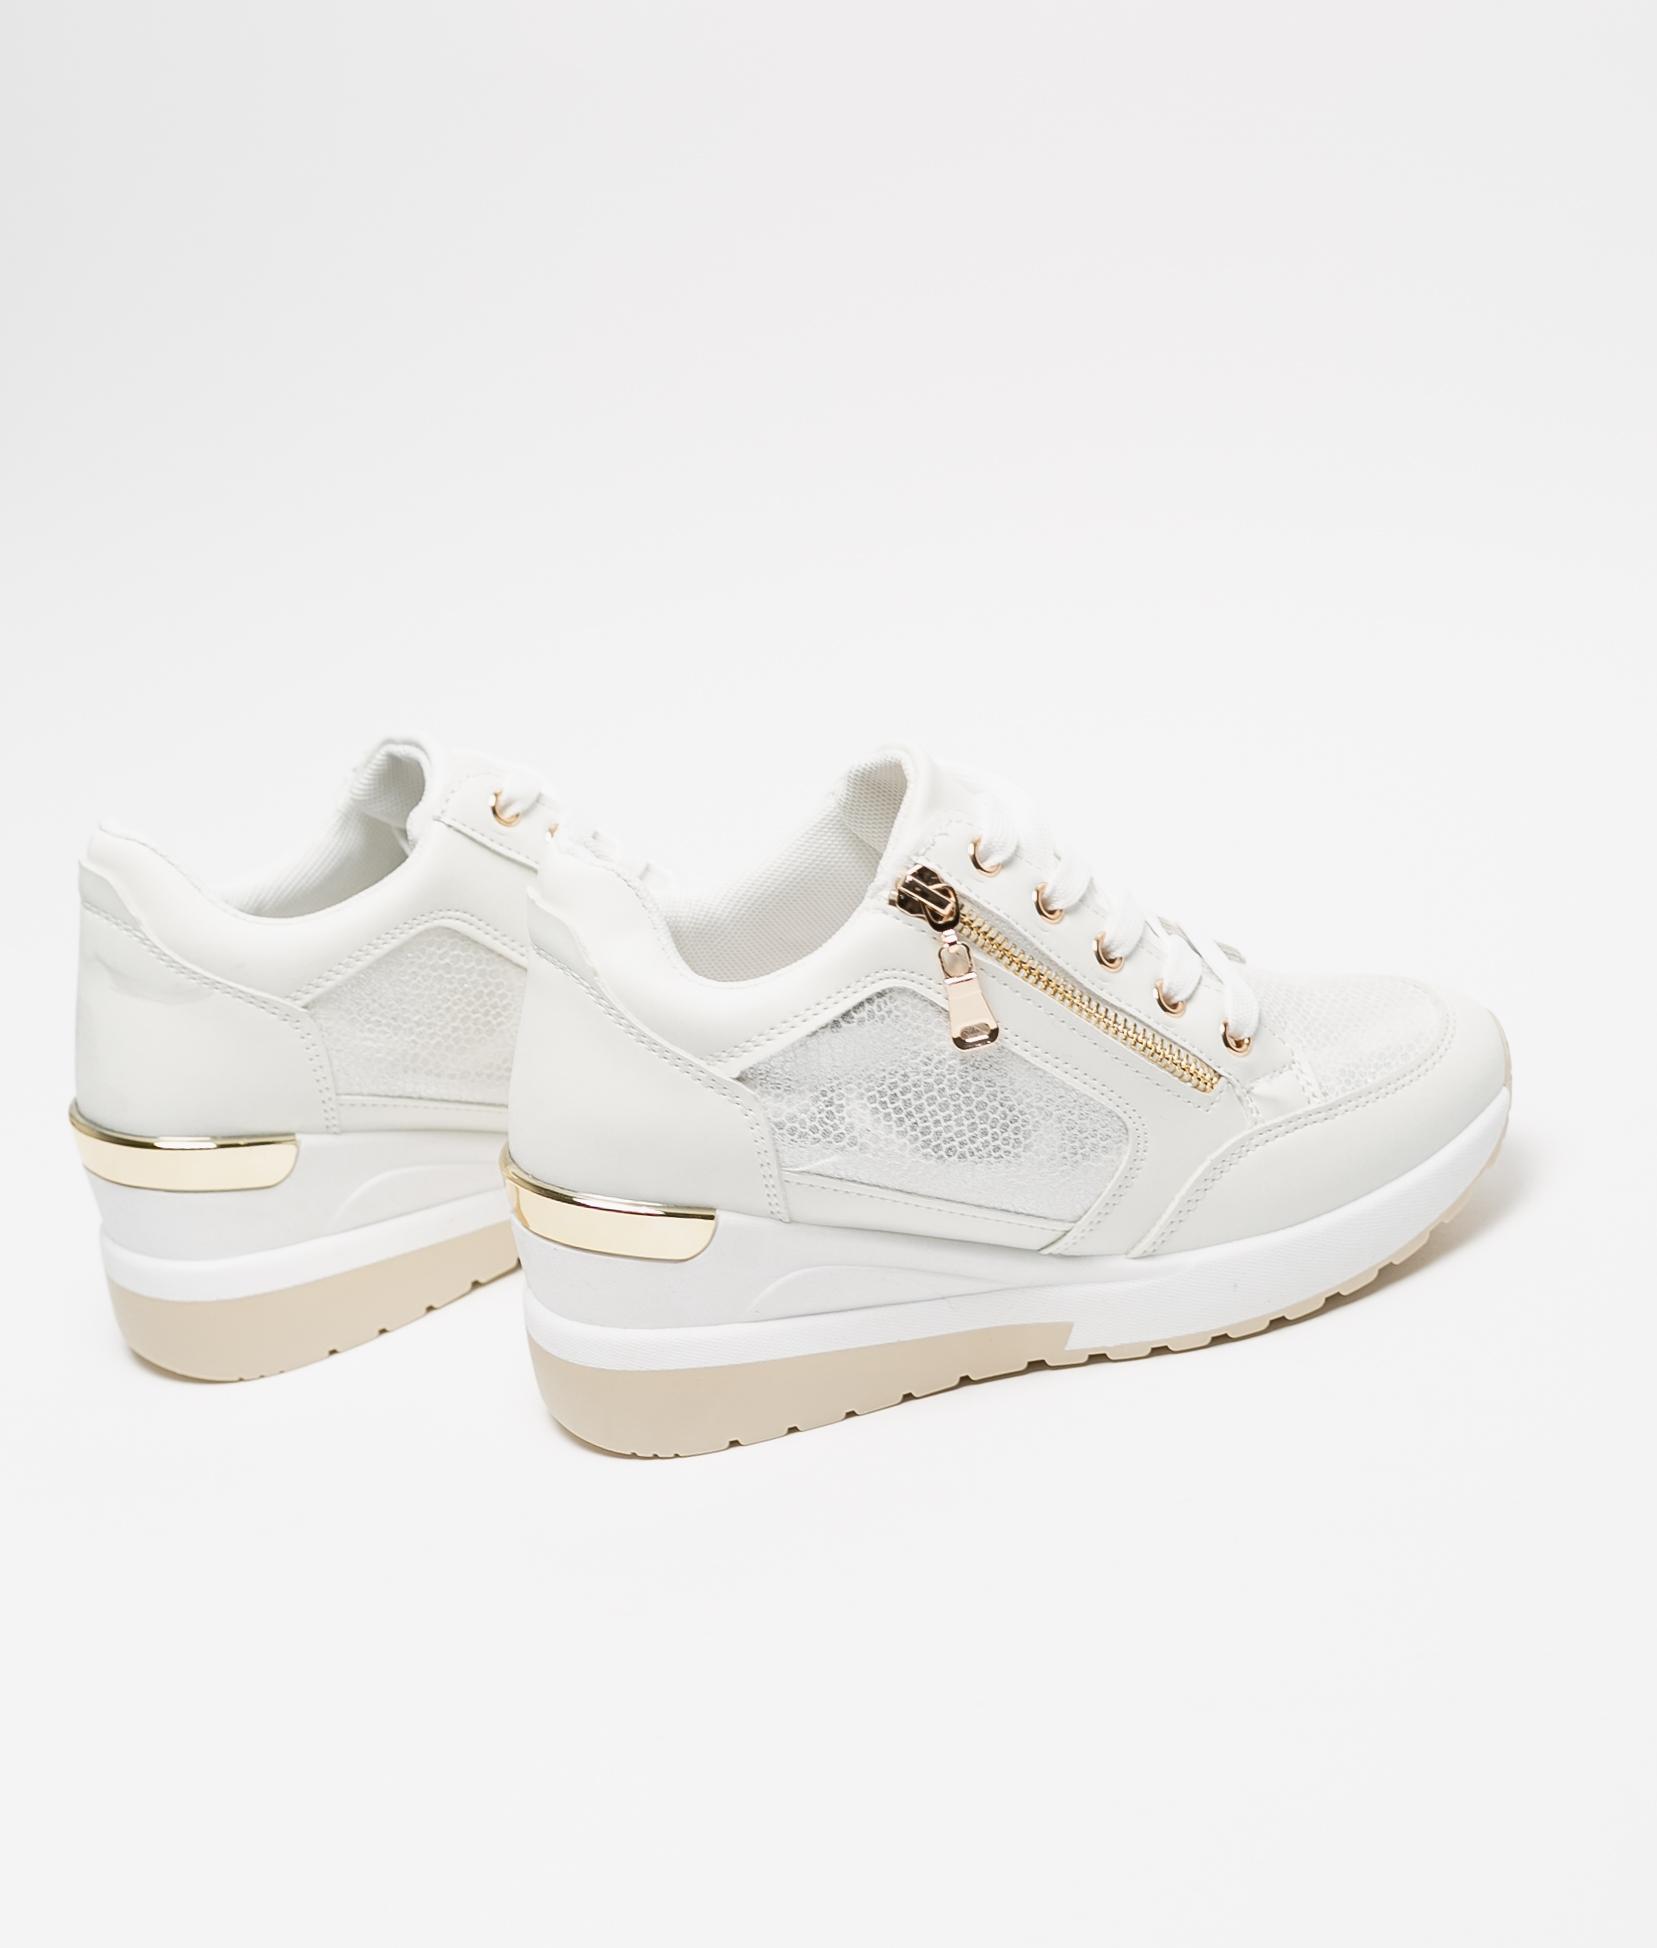 Sneakers Braila - Blanco/Oro